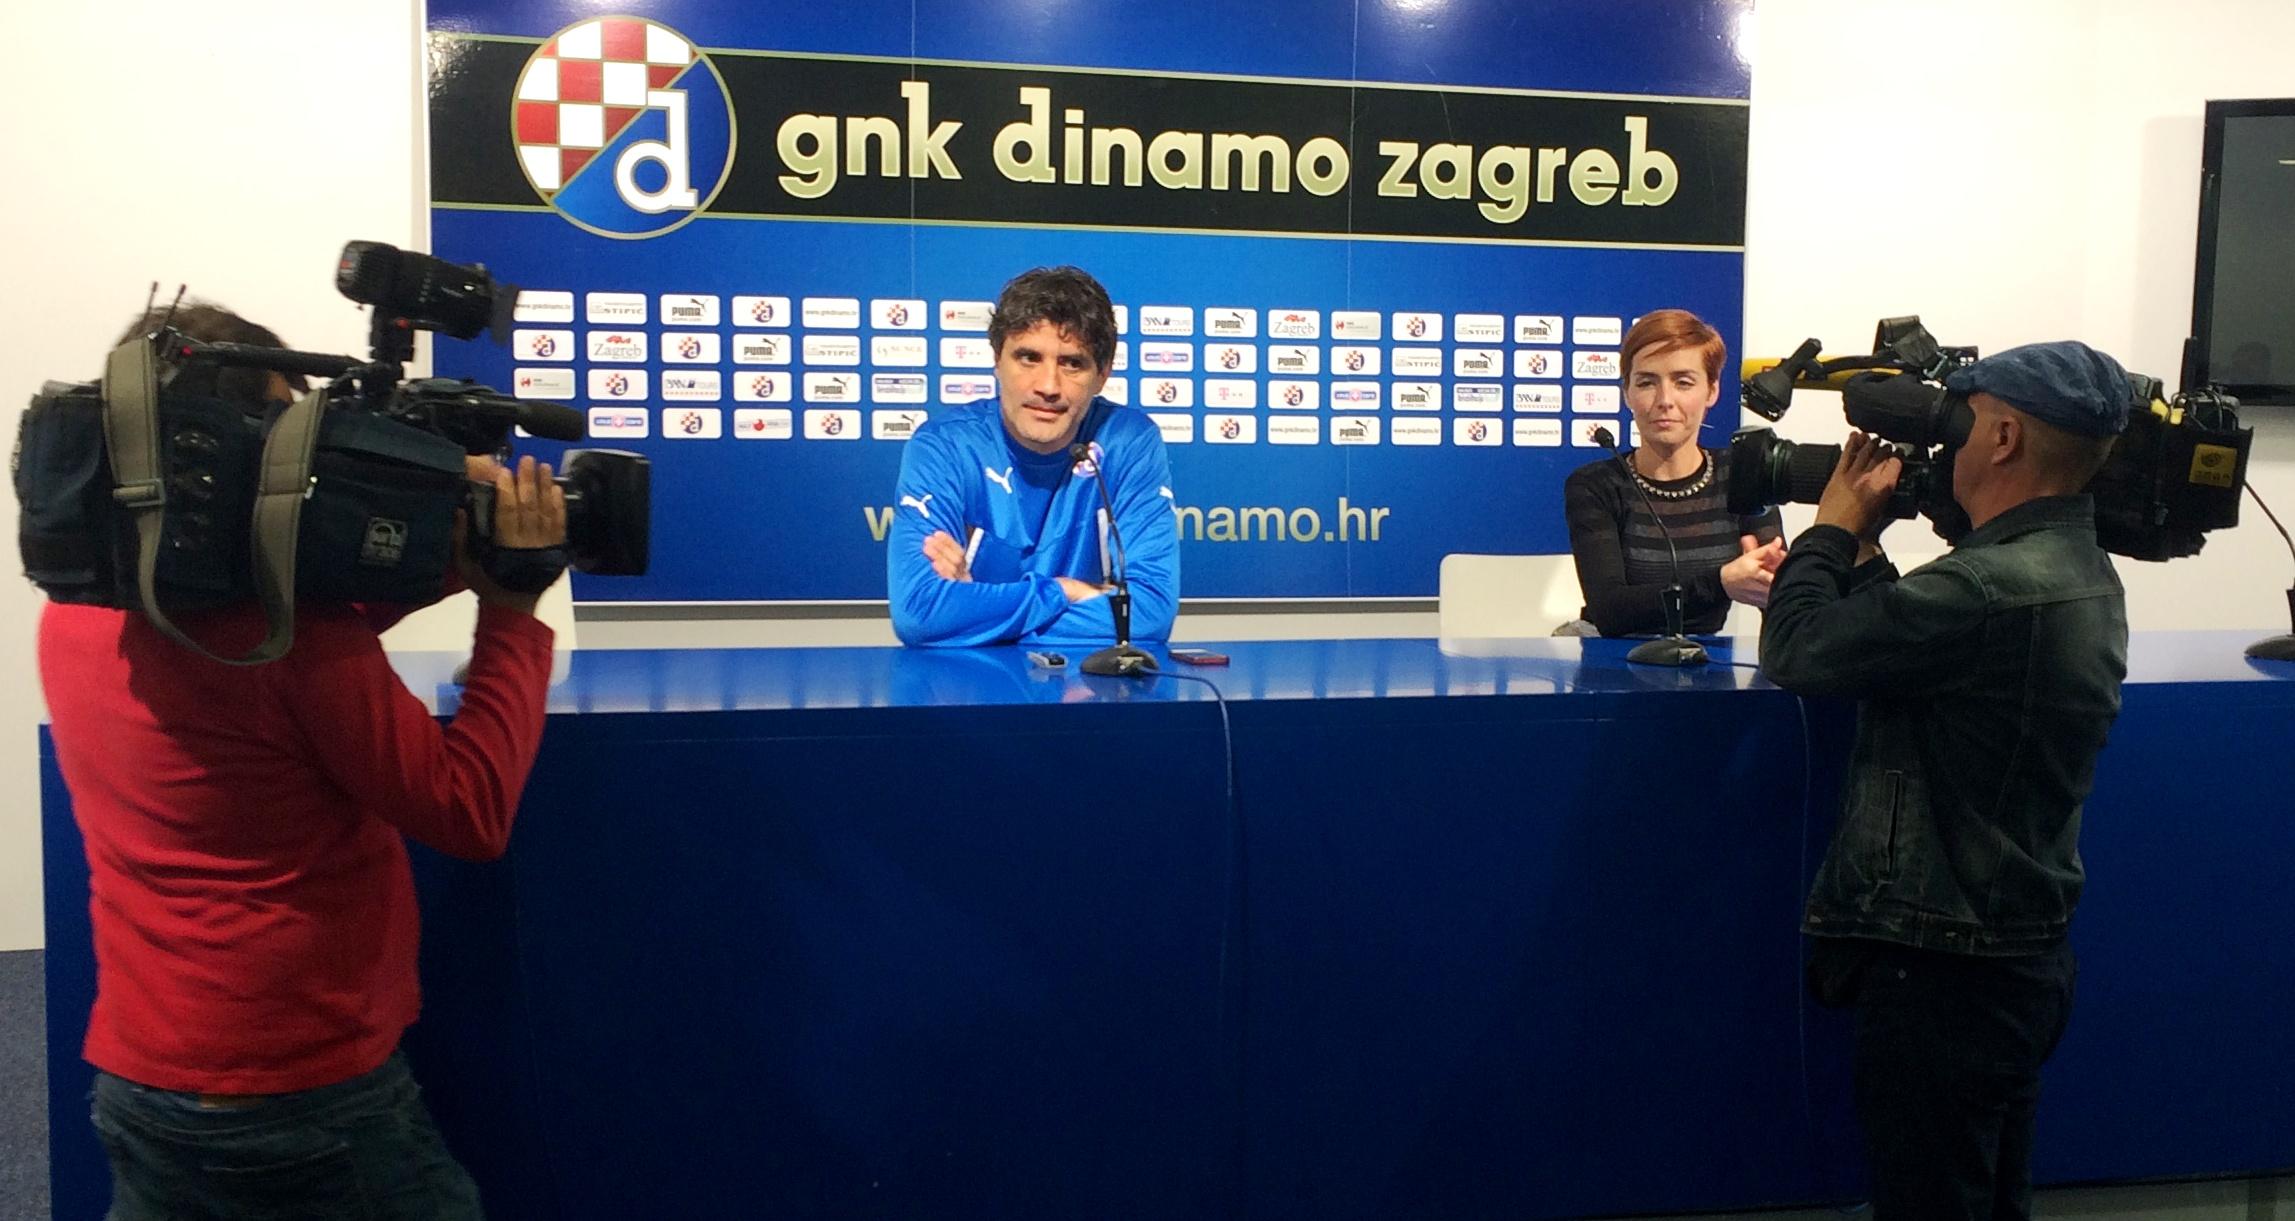 IZ MAKSIMIRA: Trener Dinama pričao o Čačićevom popisu, dotaknuo se i Hajduka